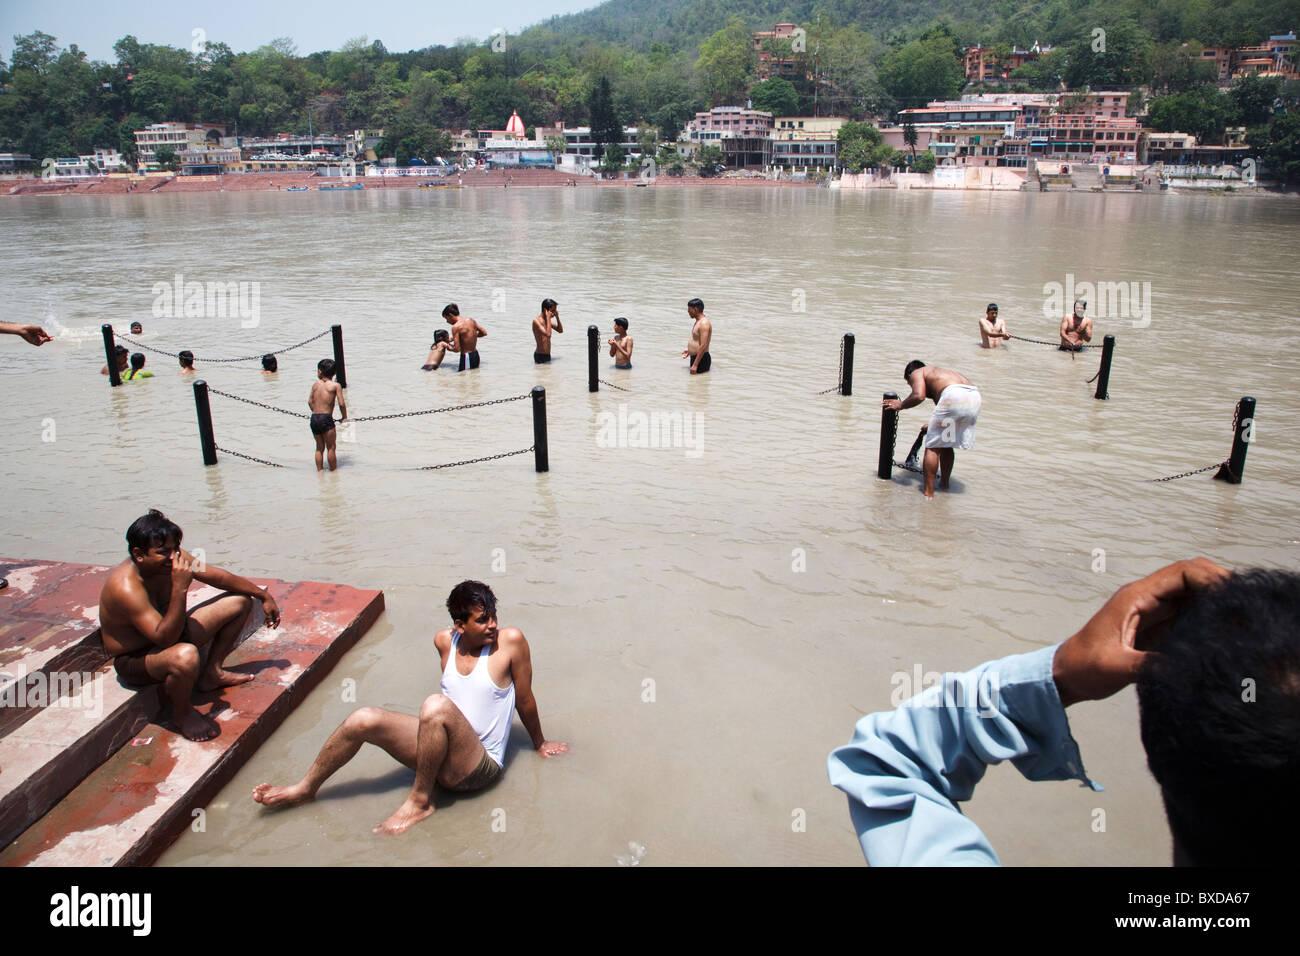 Dévot hindou pèlerins se baignent dans le Gange à Rishikesh, Uttarakhand, Inde. Banque D'Images